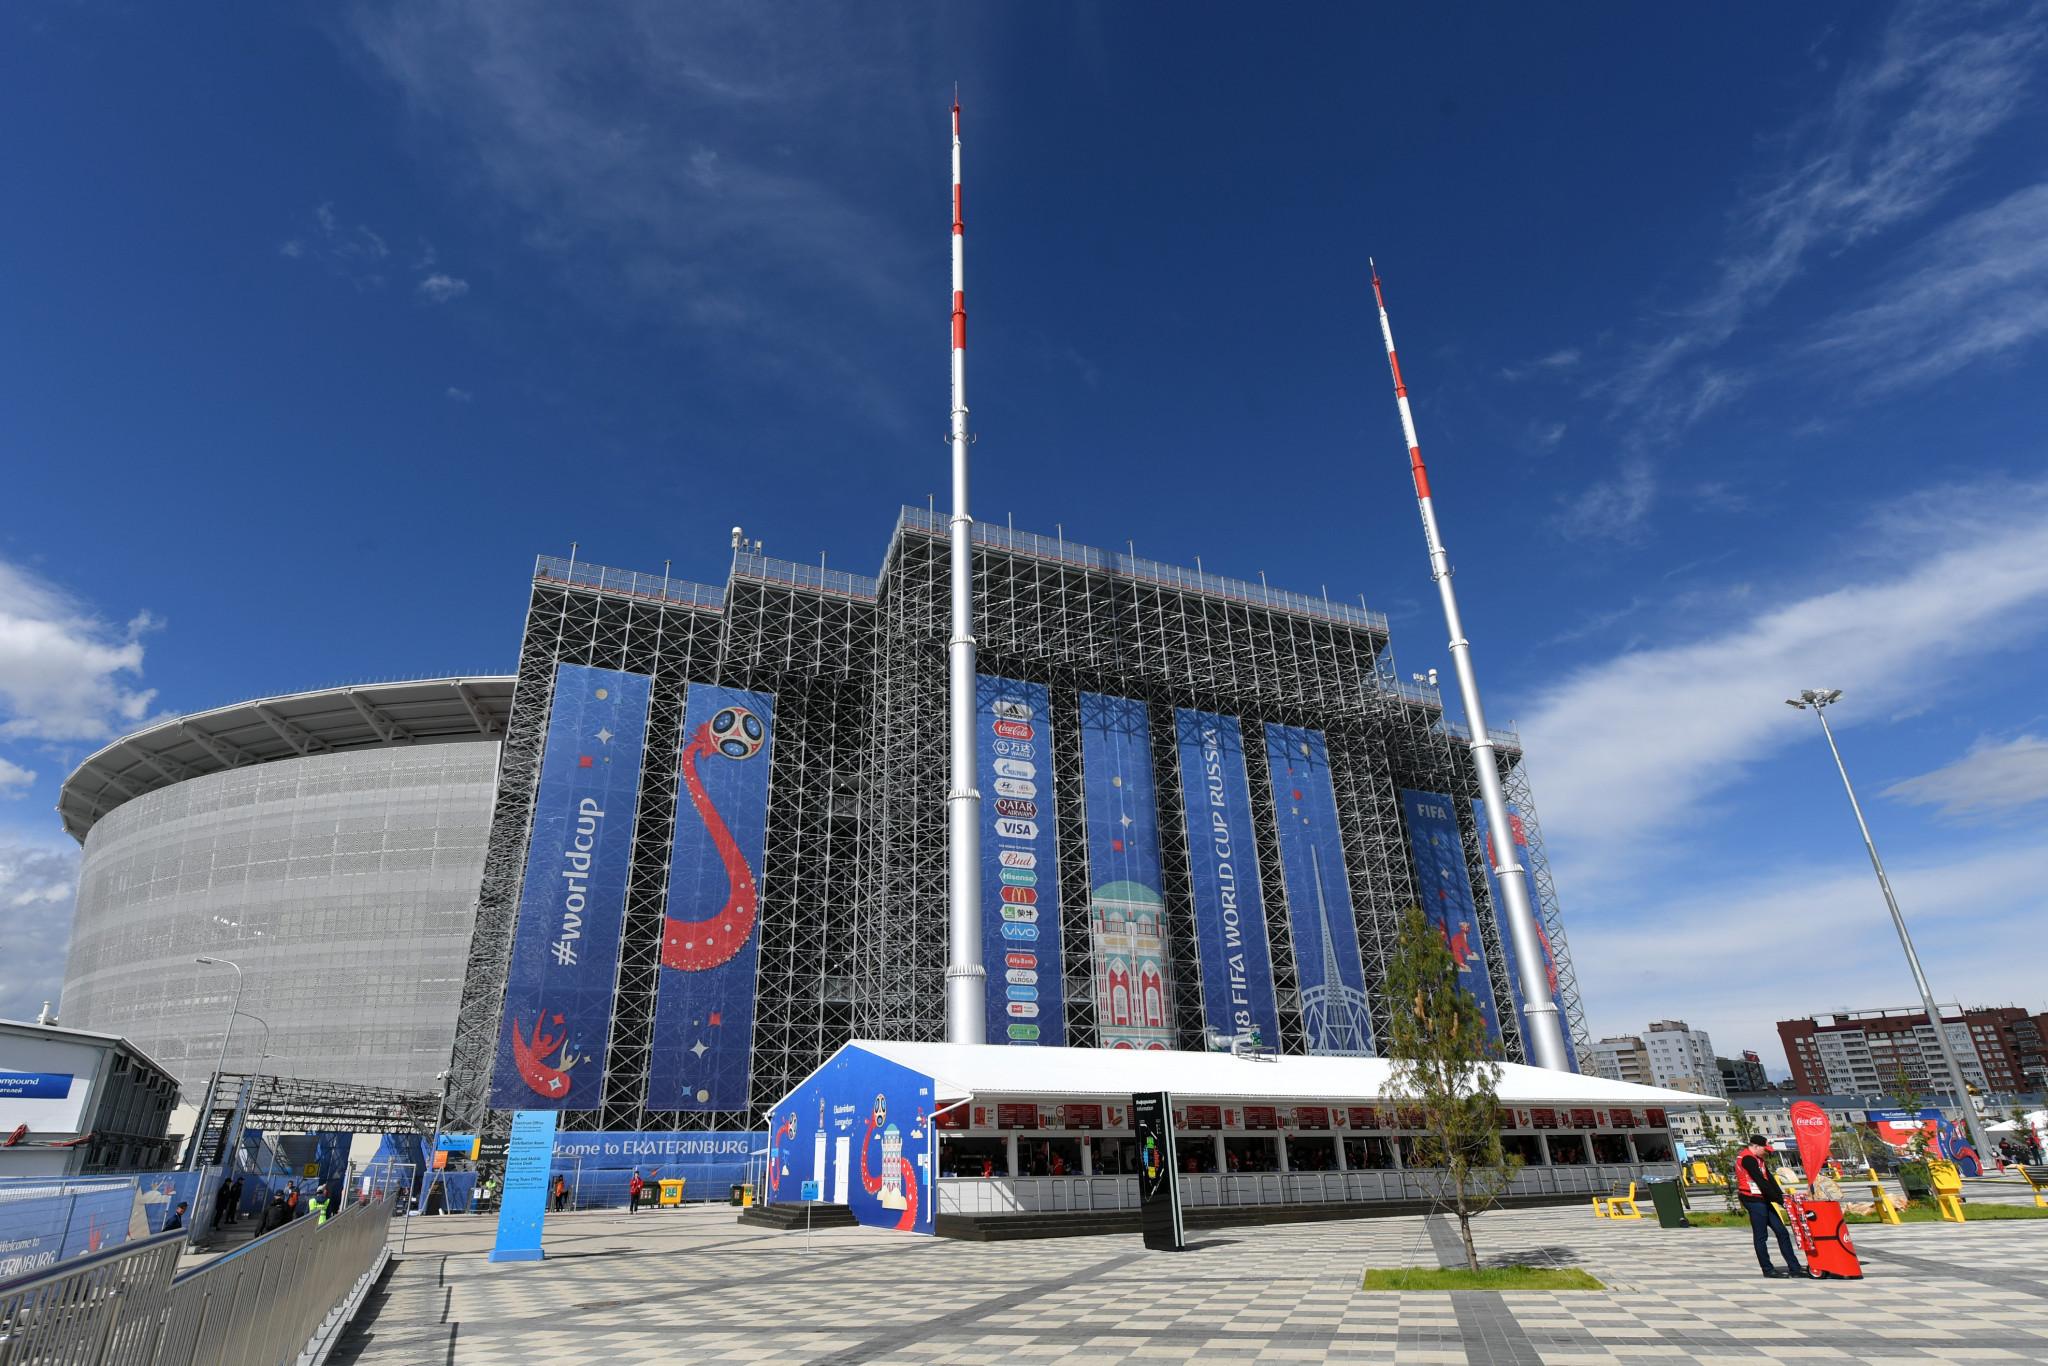 Екатеринбург принимал чемпионат мира по футболу FIFA 2018 и готовится принять Летнюю Универсиаду 2023 года © Getty Images